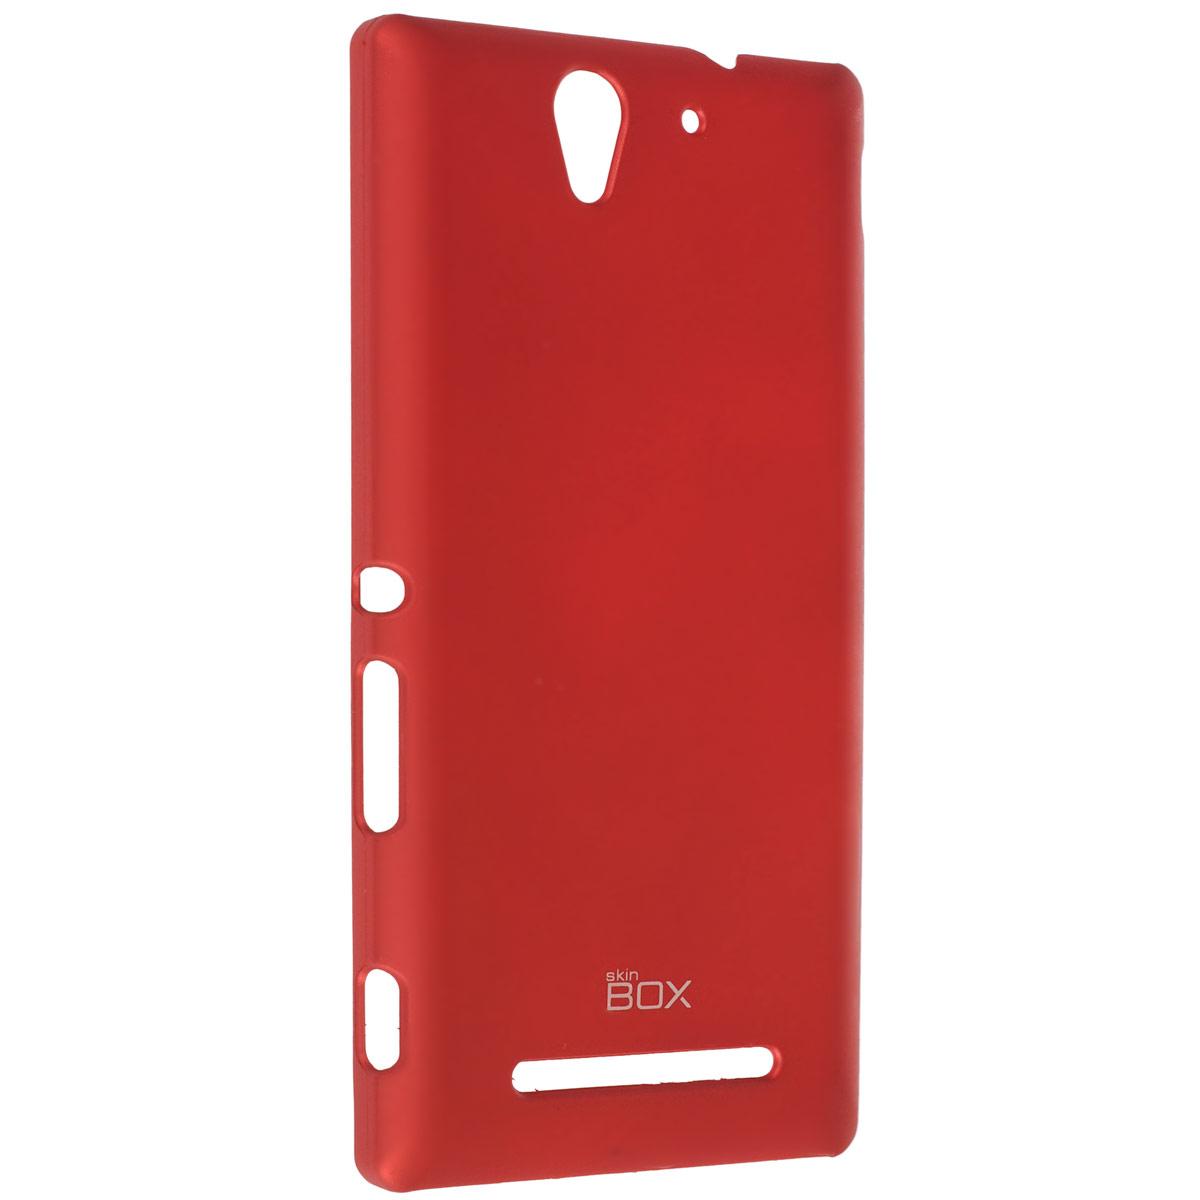 Skinbox Shield 4People чехол для Sony Xperia C3, RedT-S-SXС3-002Чехол Skinbox Shield 4People для Sony Xperia C3 предназначен для защиты корпуса смартфона от механических повреждений и царапин в процессе эксплуатации. Имеется свободный доступ ко всем разъемам и кнопкам устройства. В комплект также входит защитная пленка на экран телефона.